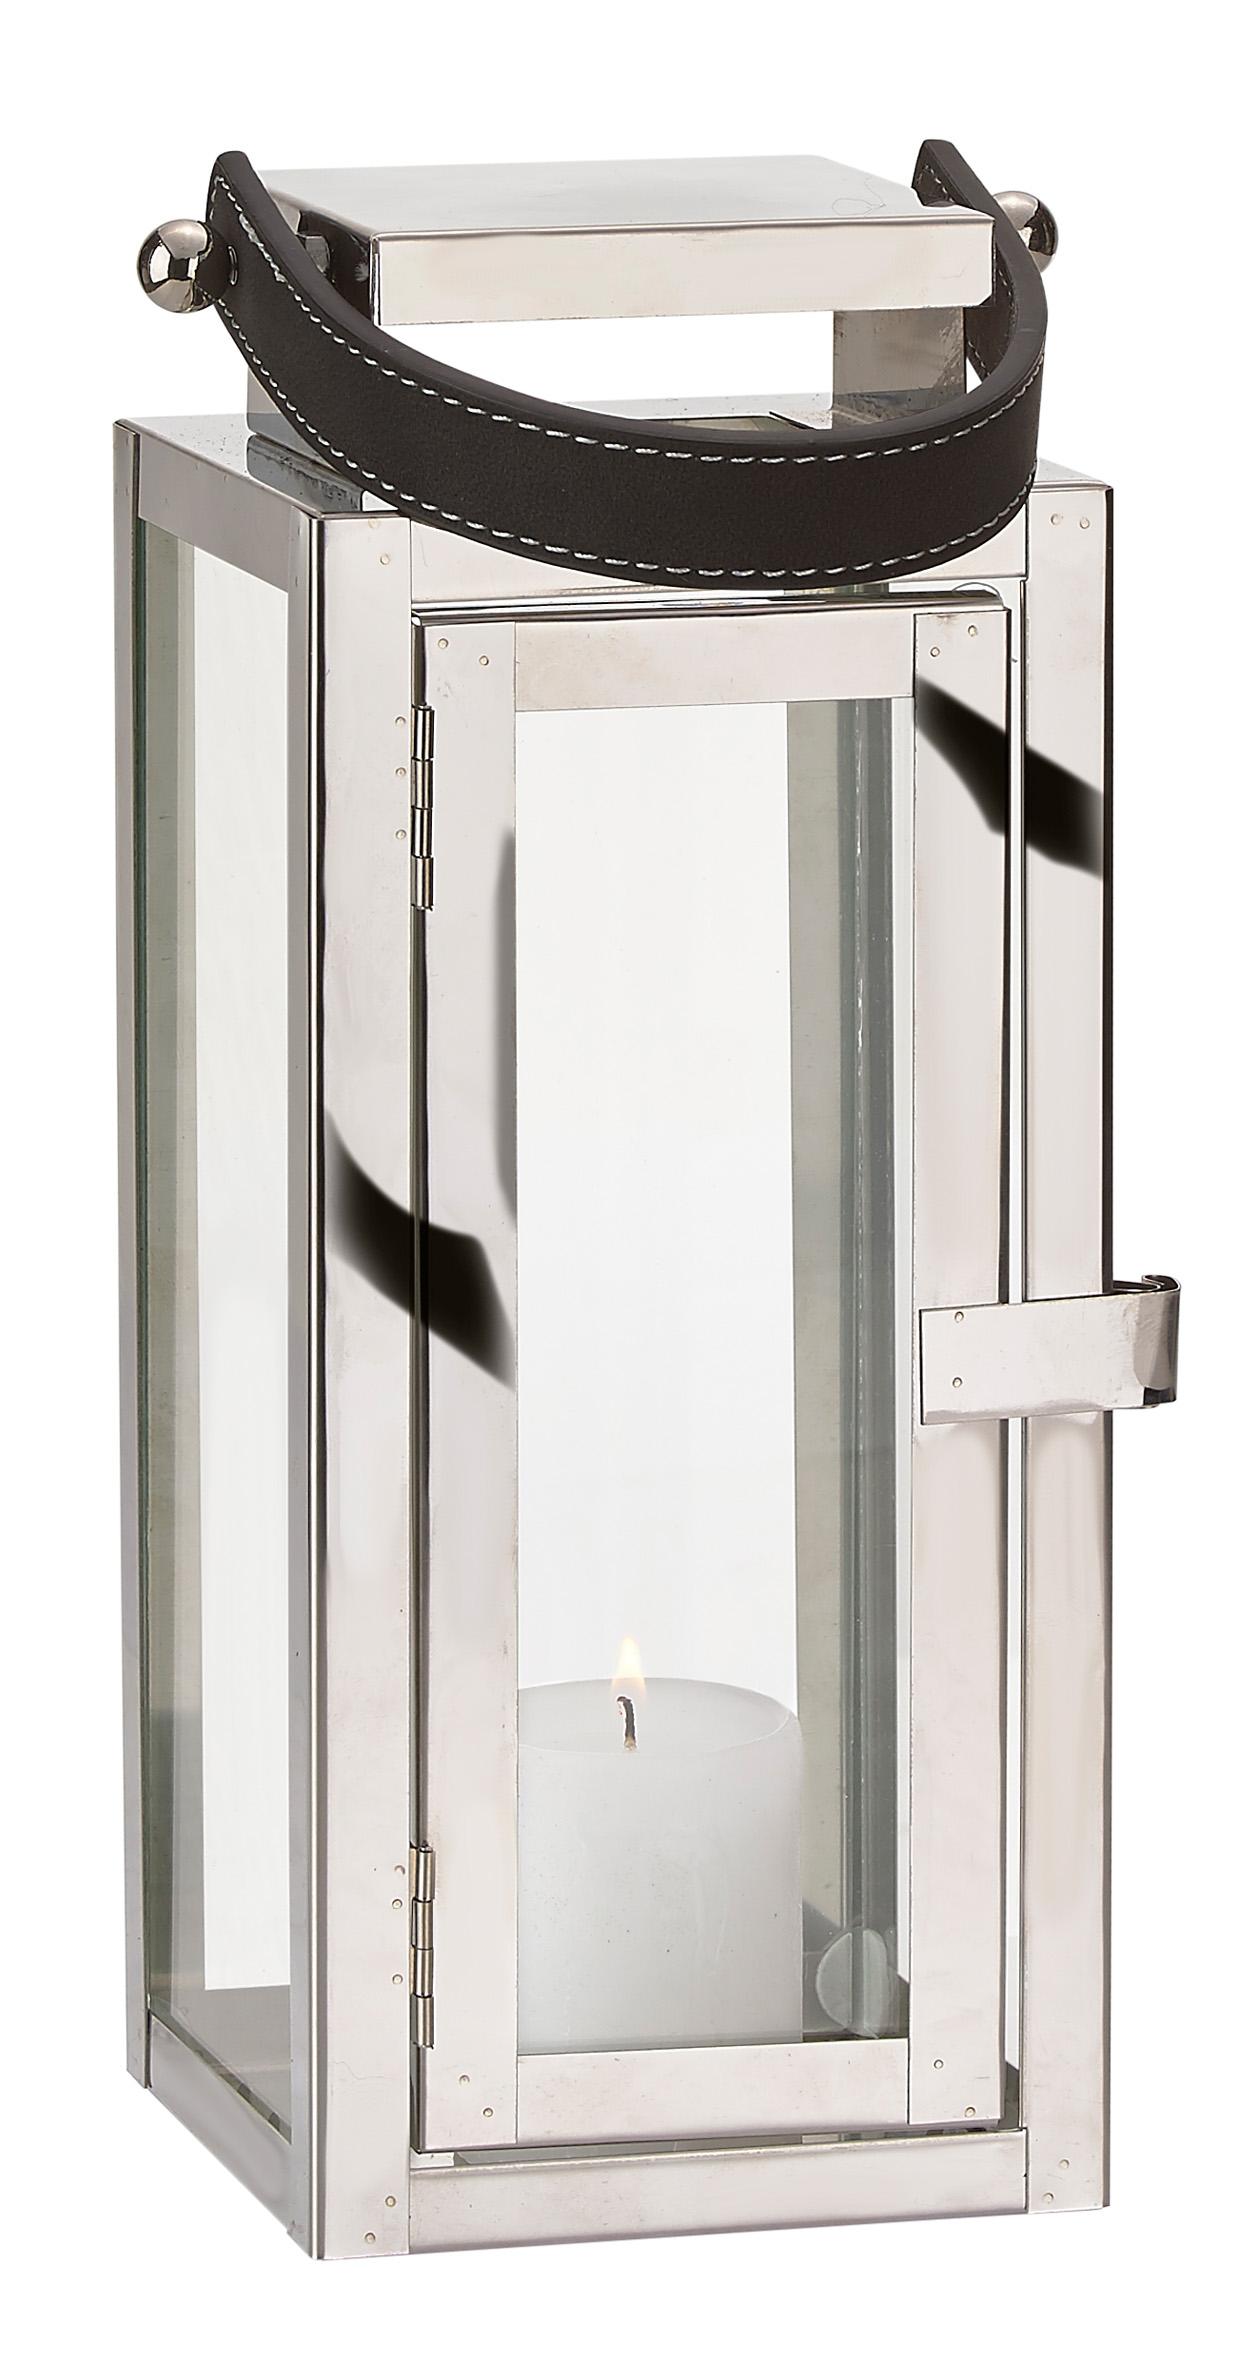 Tür metall  Laterne Edelstahl Glas mit Griff Tür Metall Windlicht ...